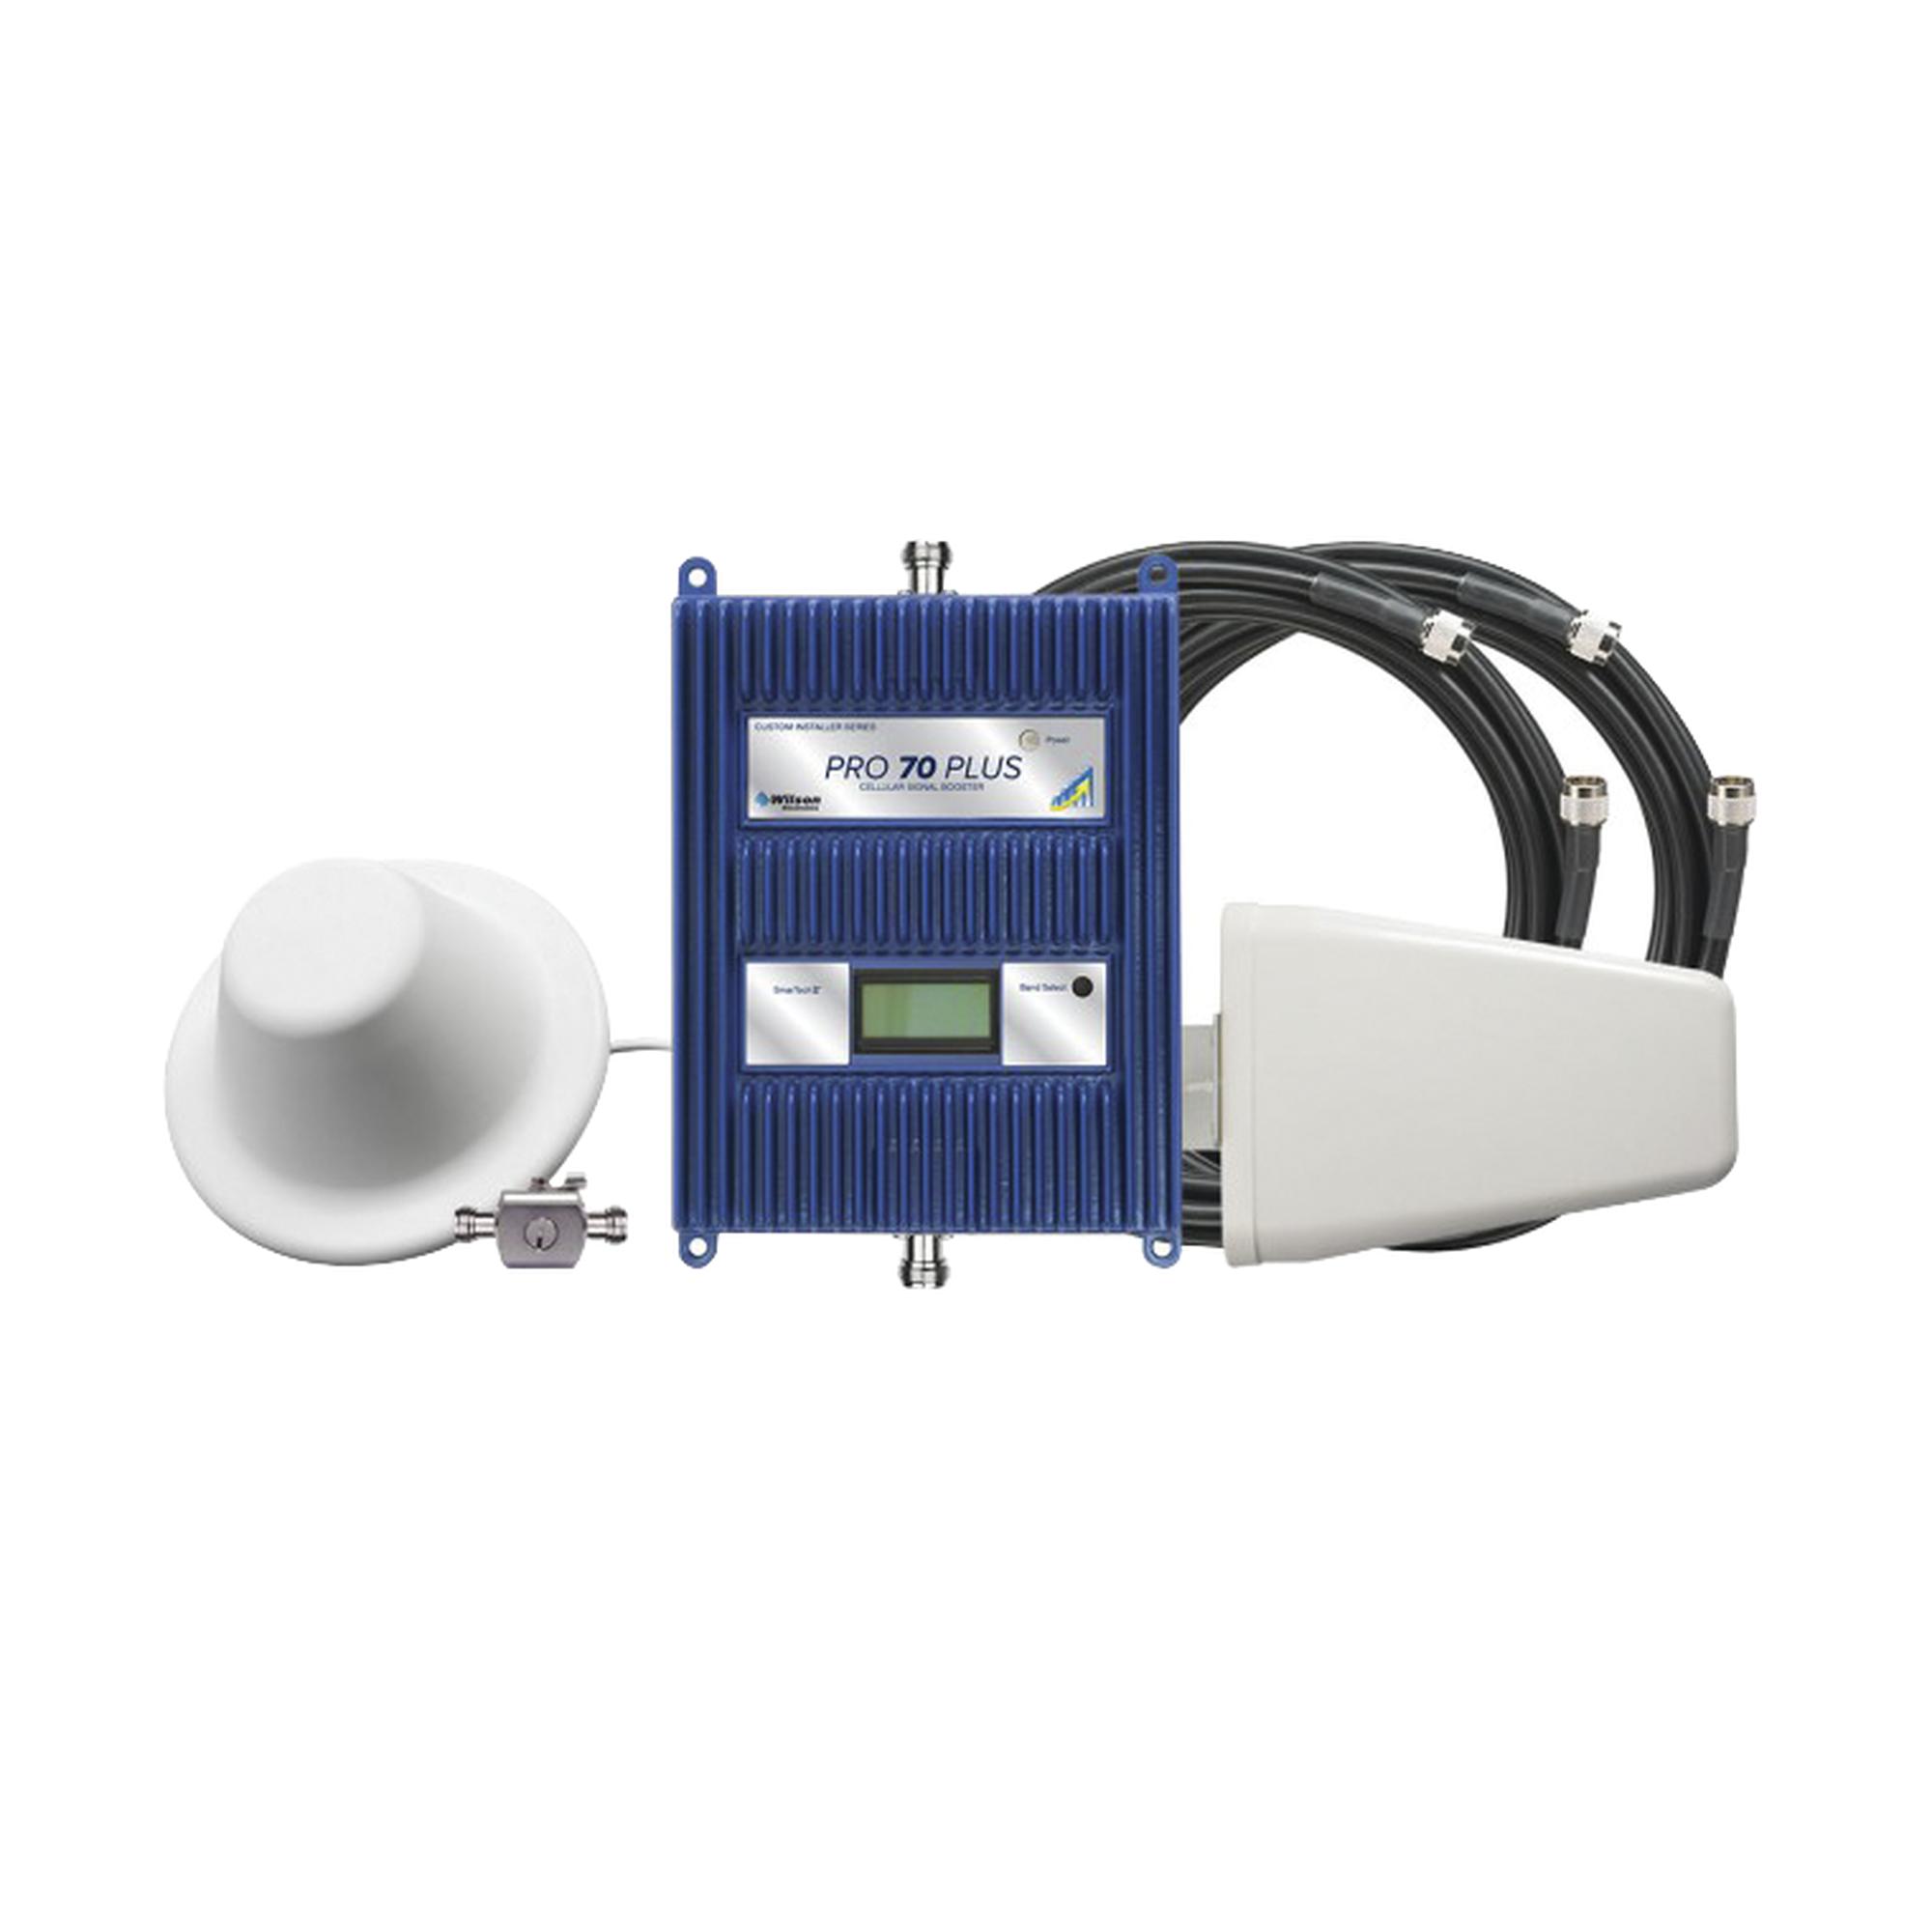 KIT de Amplificador de Señal Celular 4G LTE / TODAS LAS FRECUENCIAS DE MéXICO / Hasta 5000 Metros Cuadrados / Pro 70 Plus LX. Cuatribanda de 77 dB de ganancia máxima.